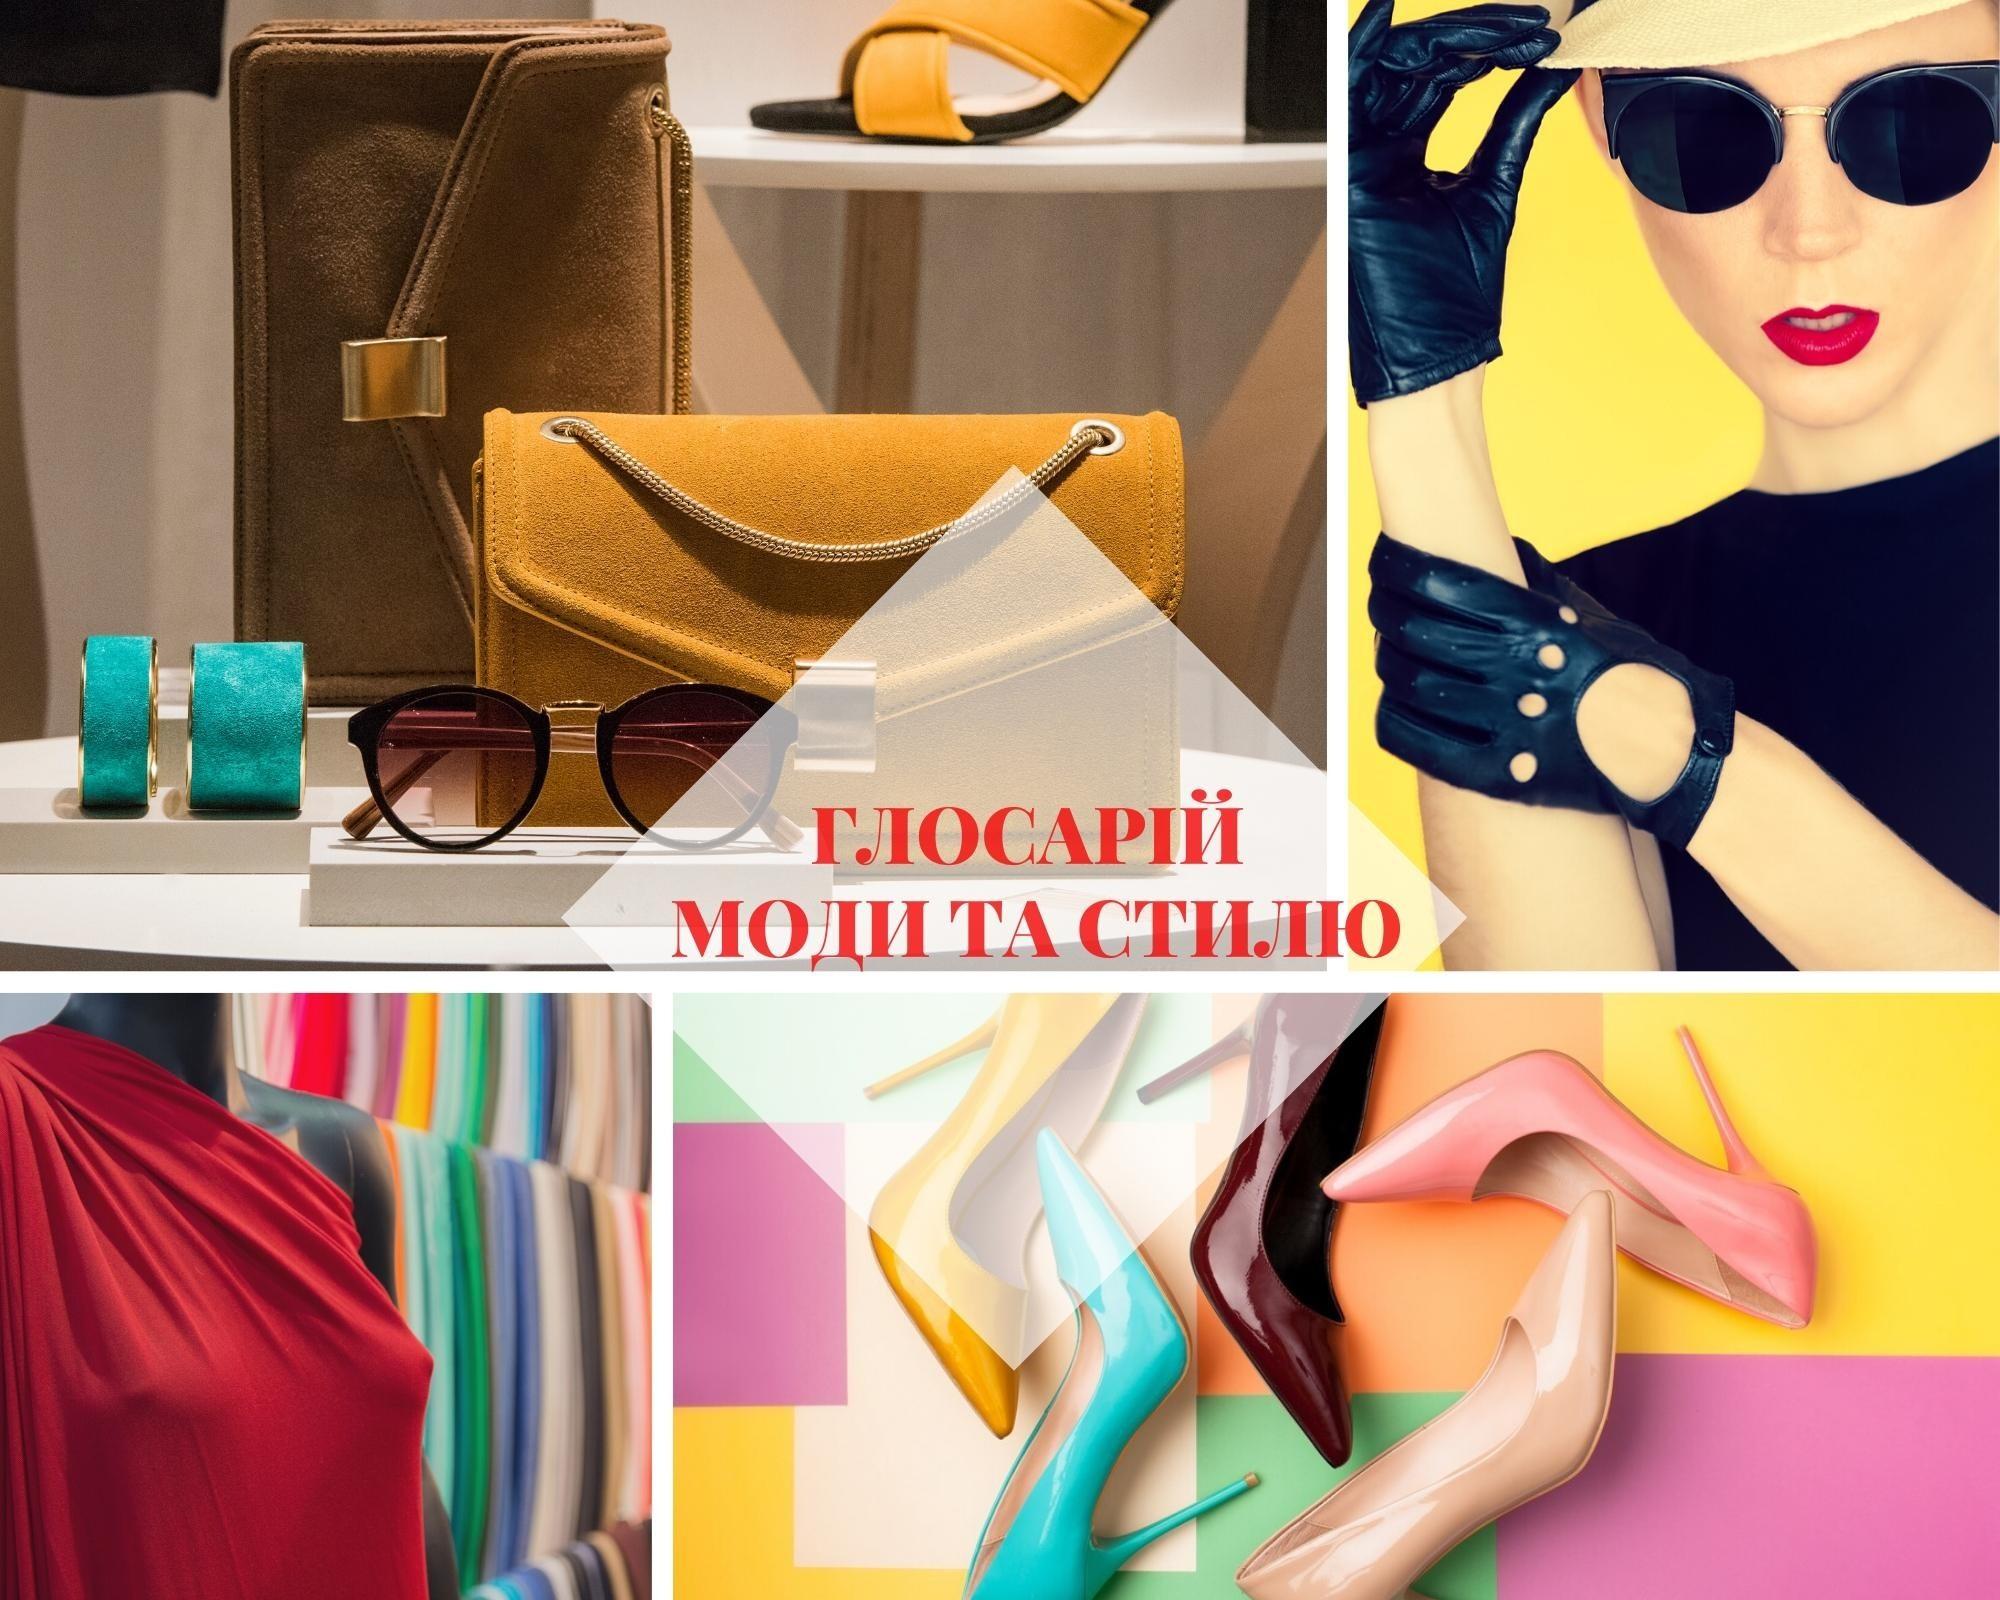 Глосарій моди та стилю